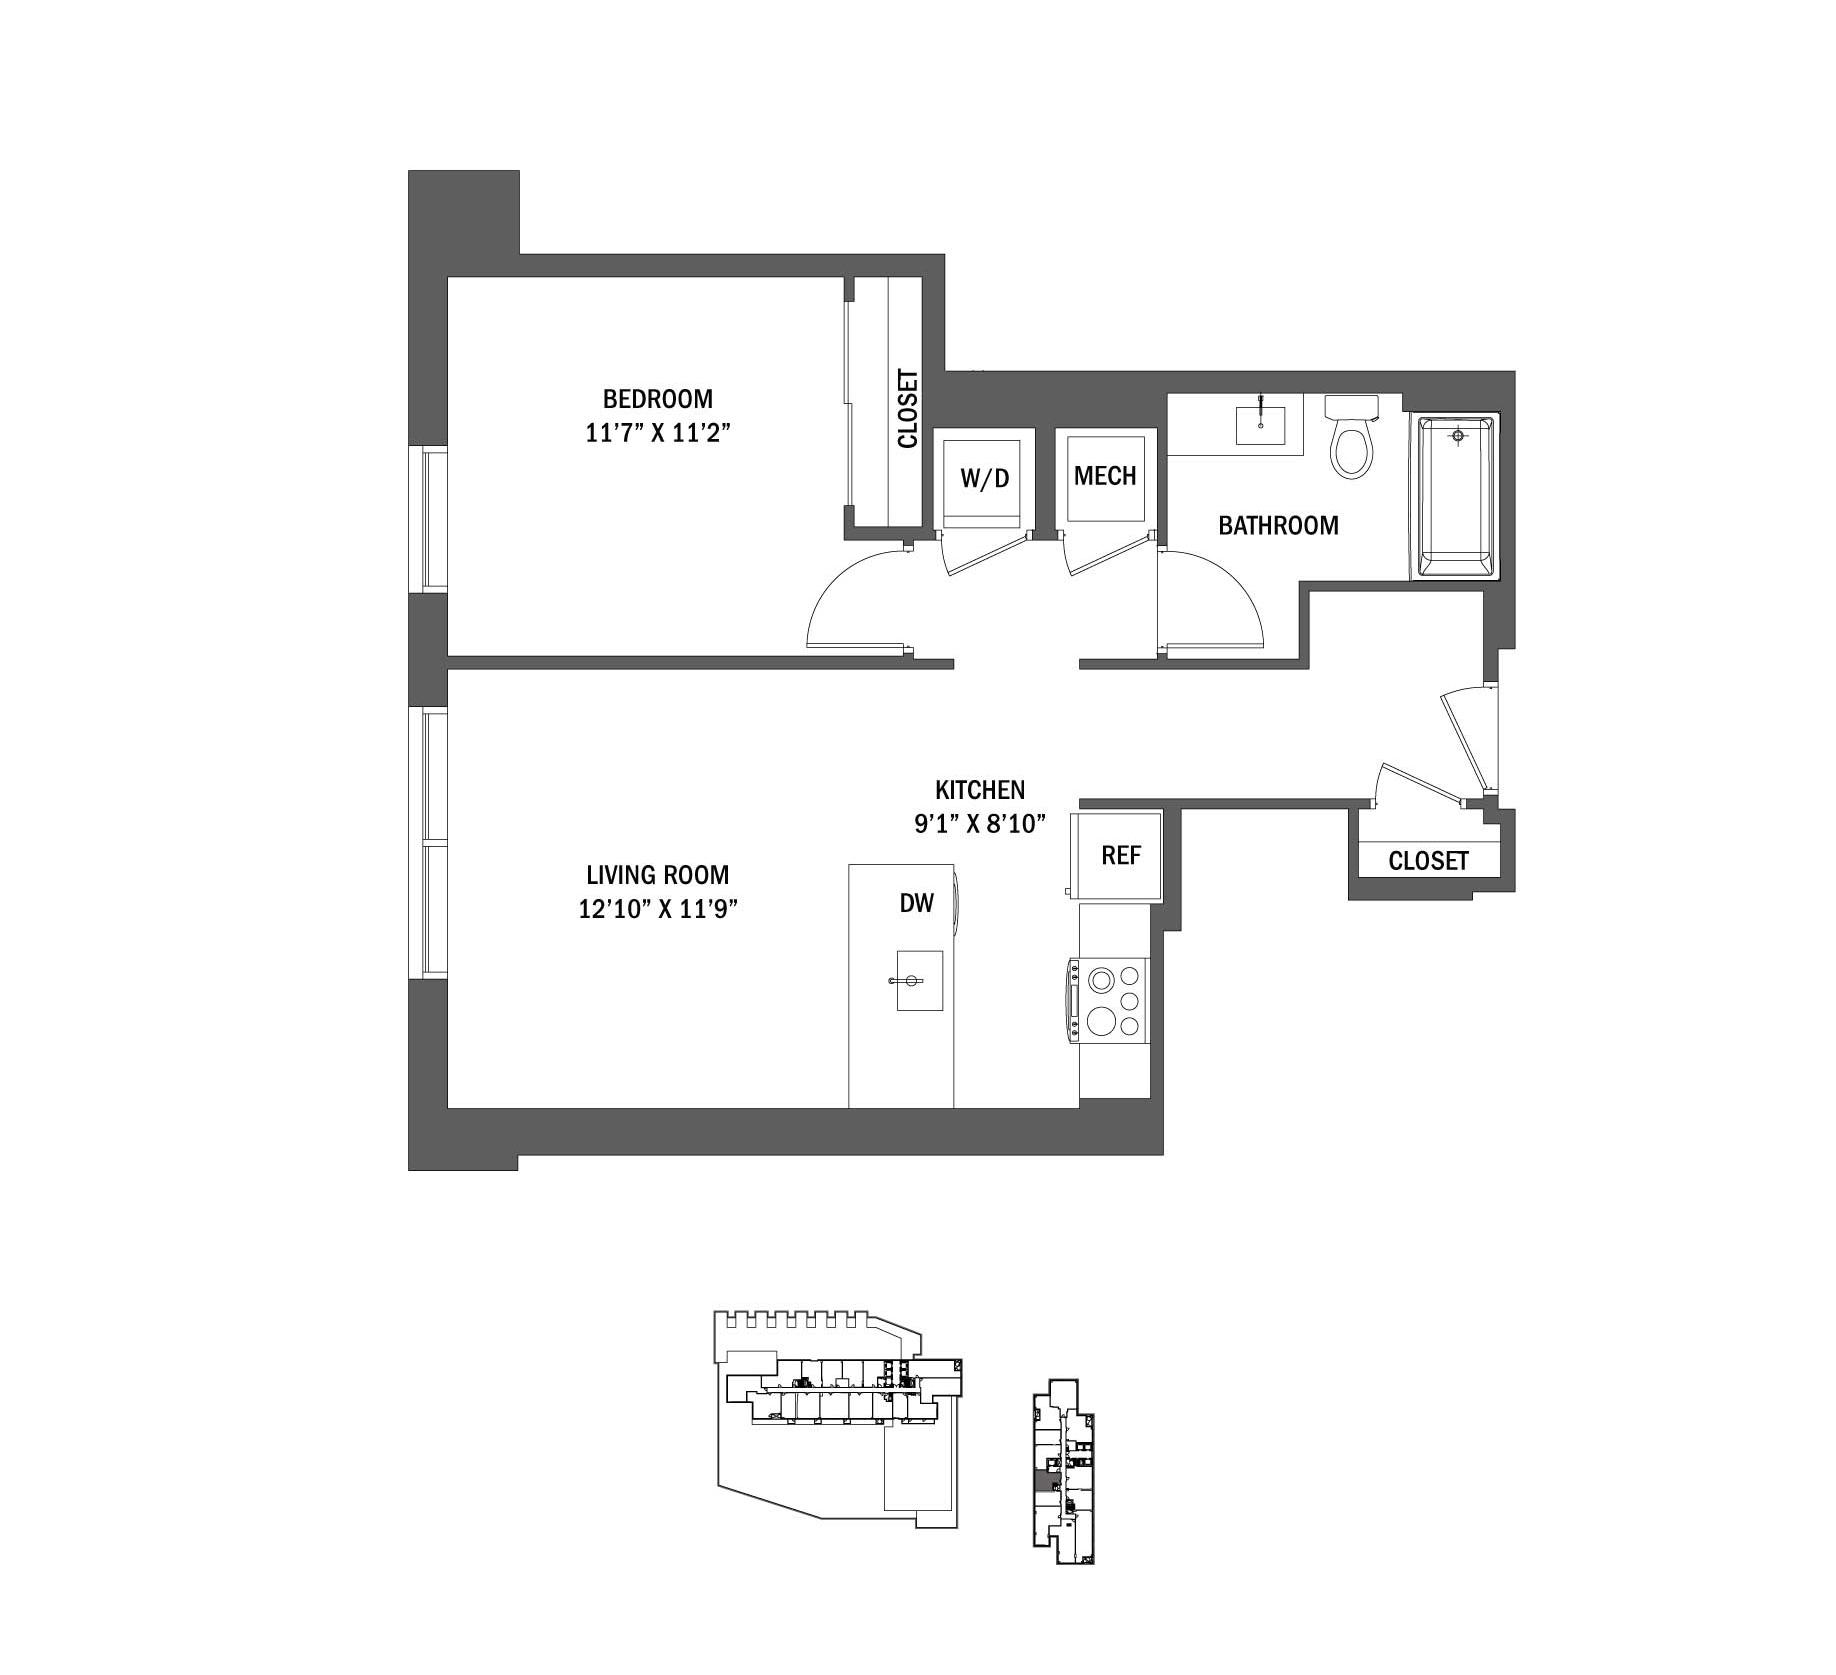 P0625338 789aa04 e06 typ 2 floorplan